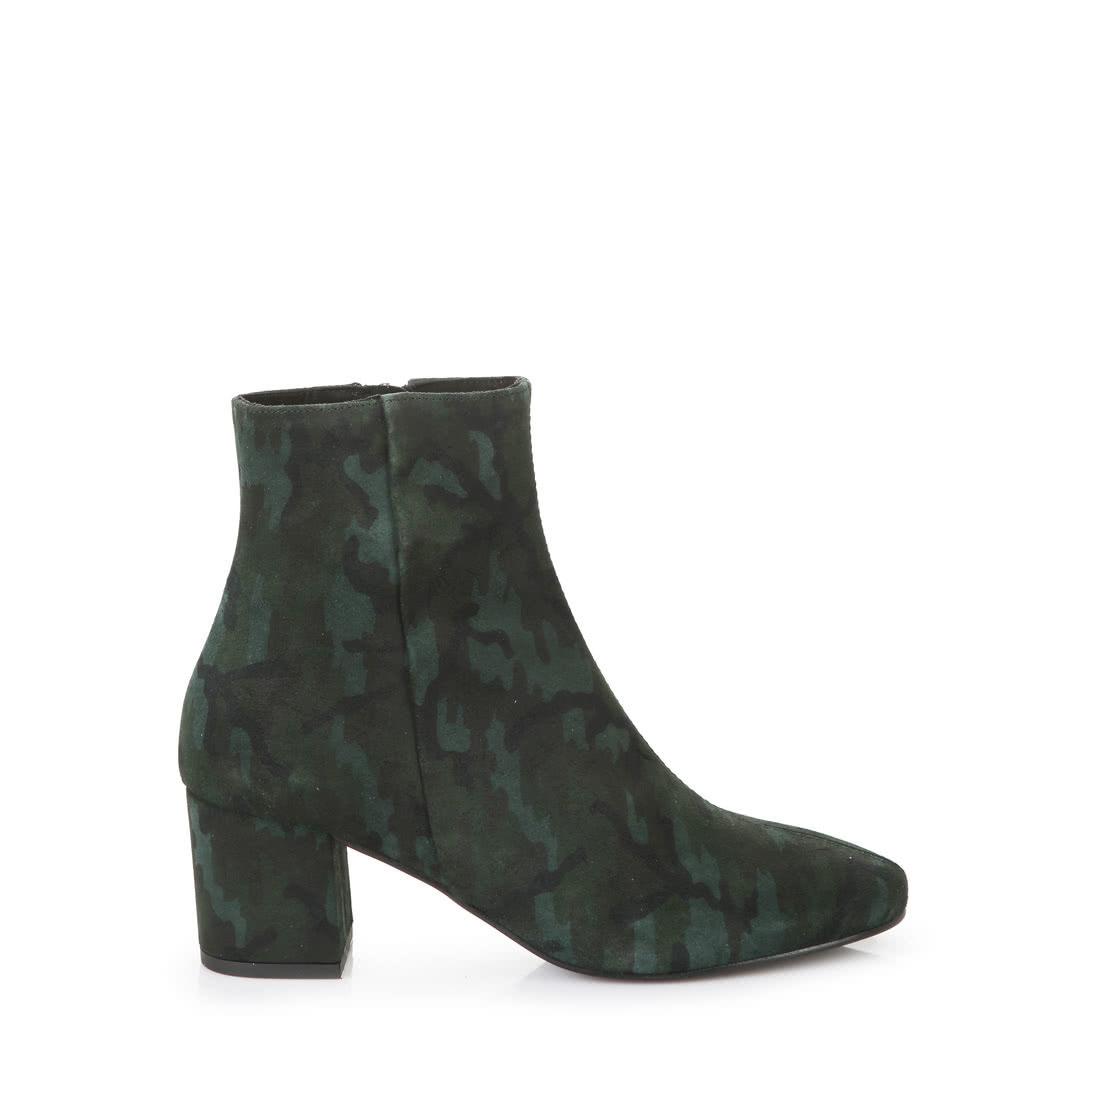 46234563b9e1d7 Buffalo Stiefeletten in Camouflage online kaufen